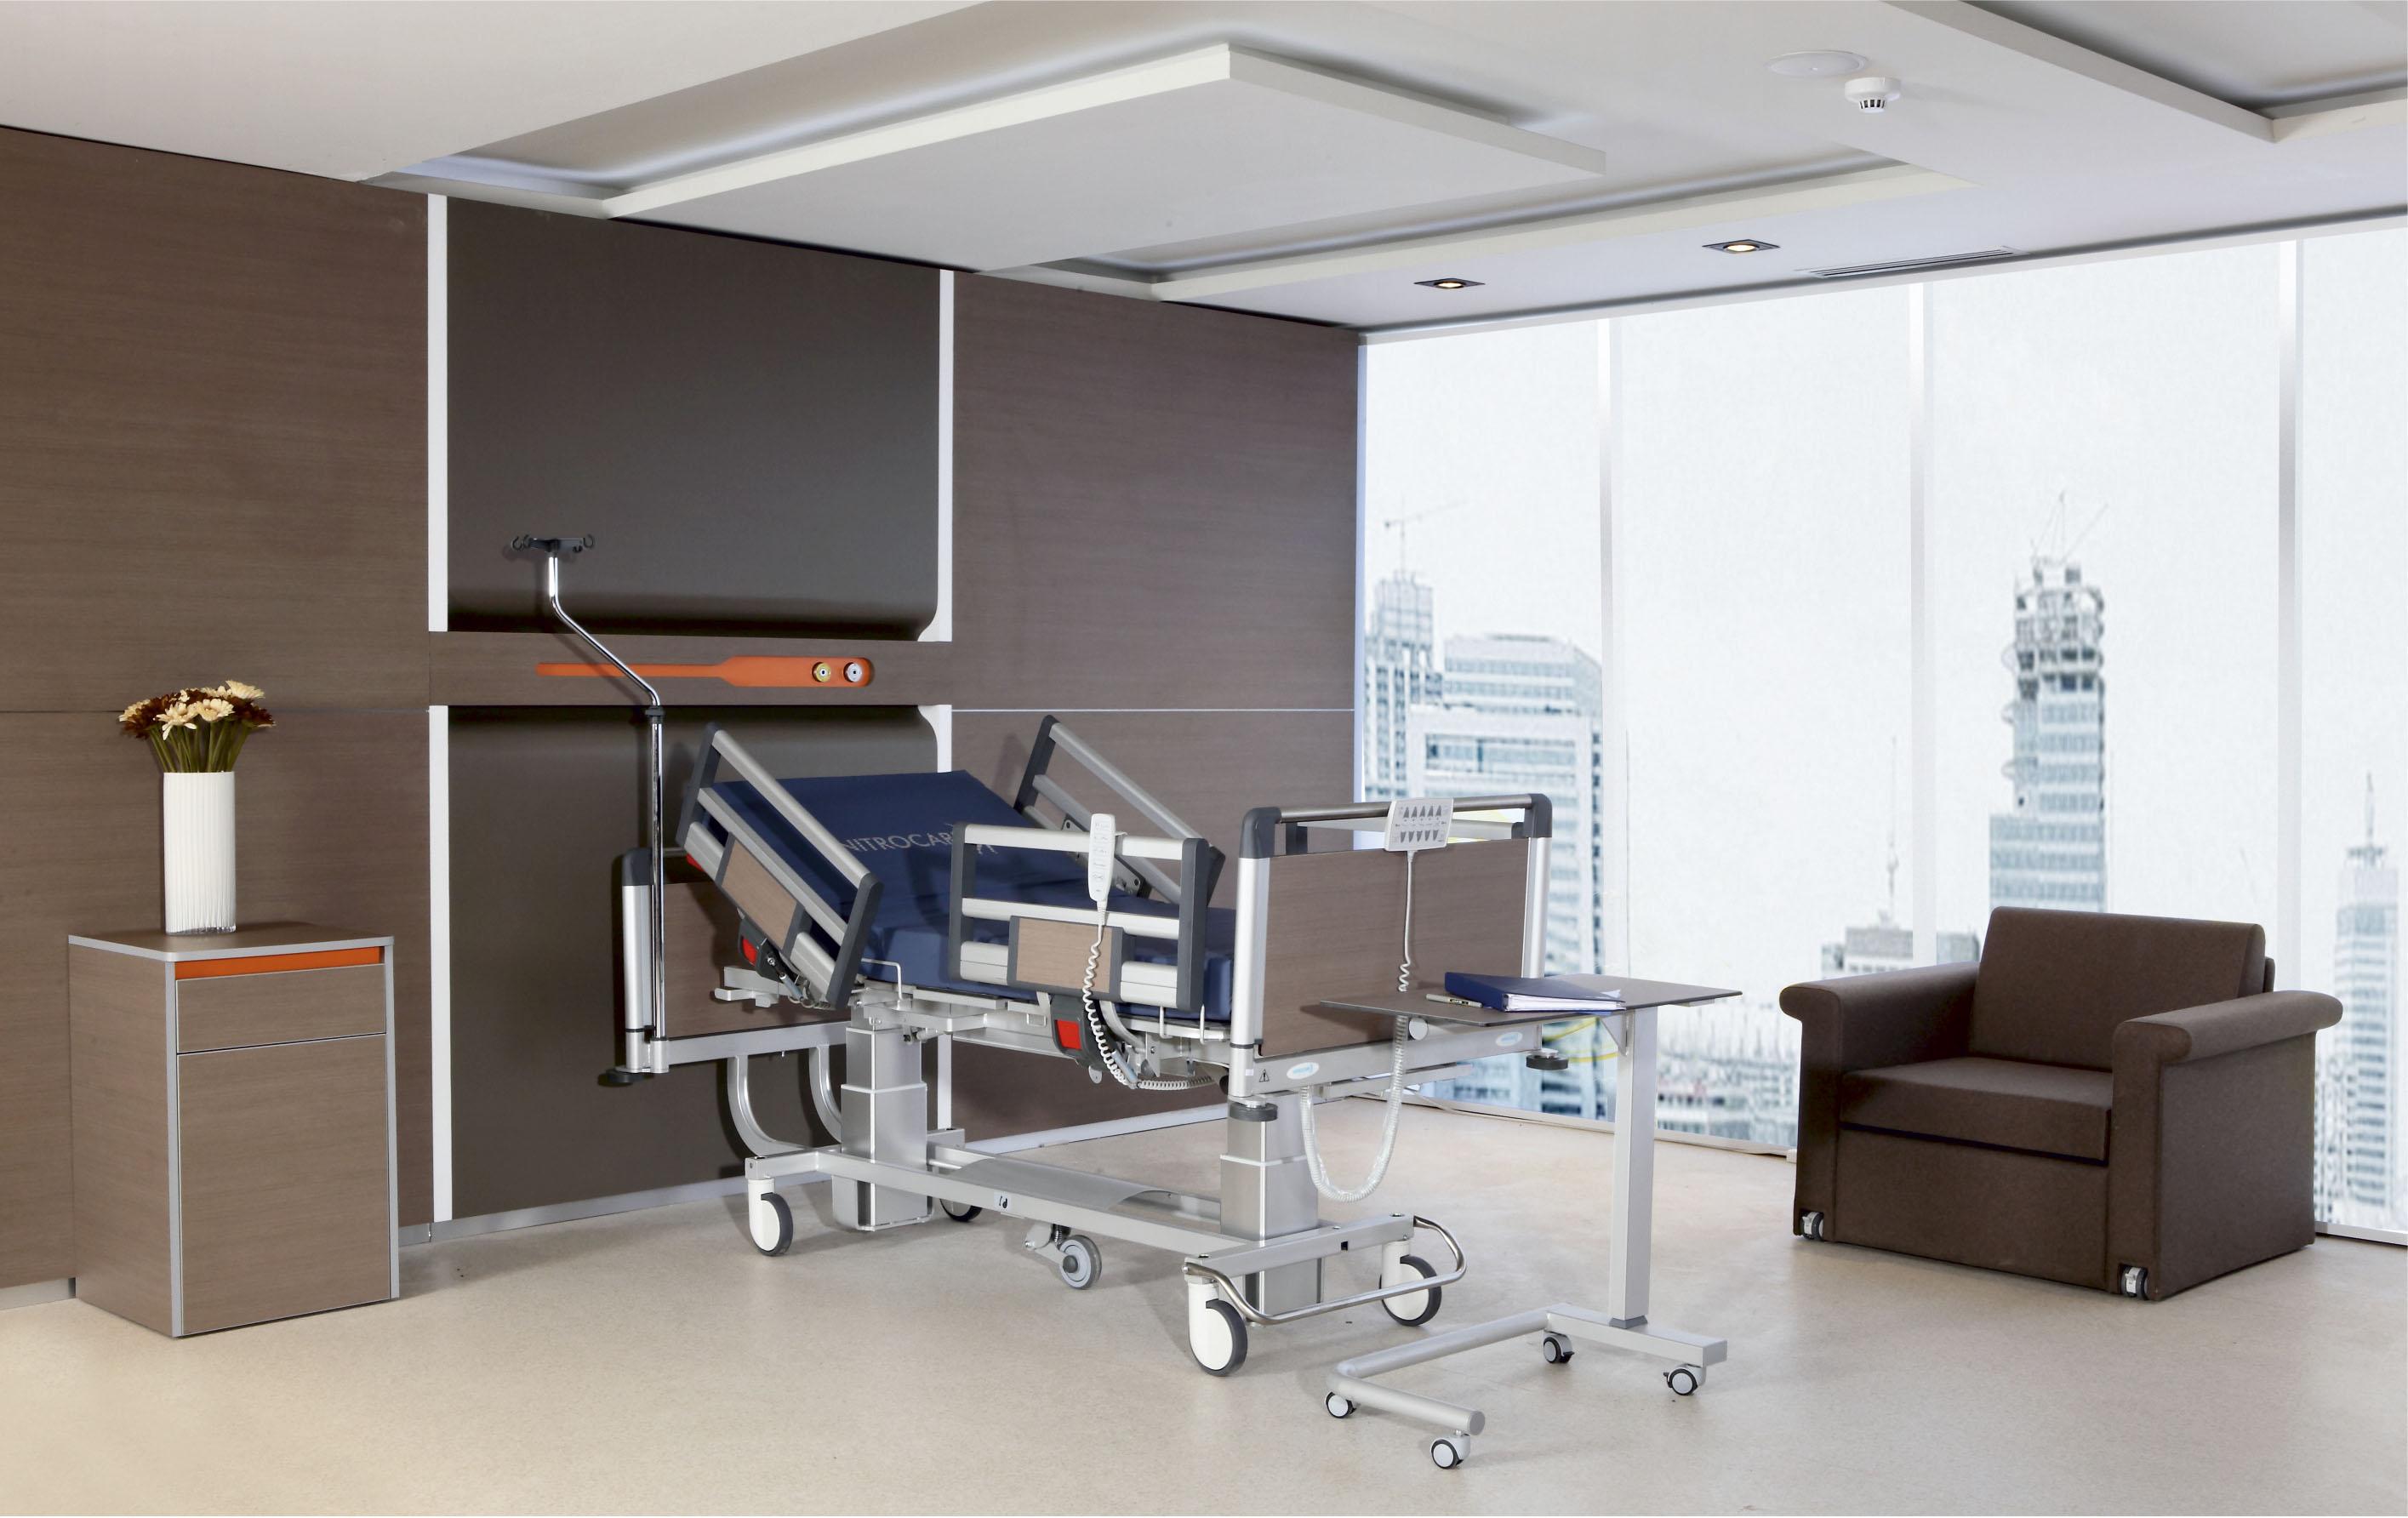 HOSPITAL FURNITURES | Ofisline | Websitesi